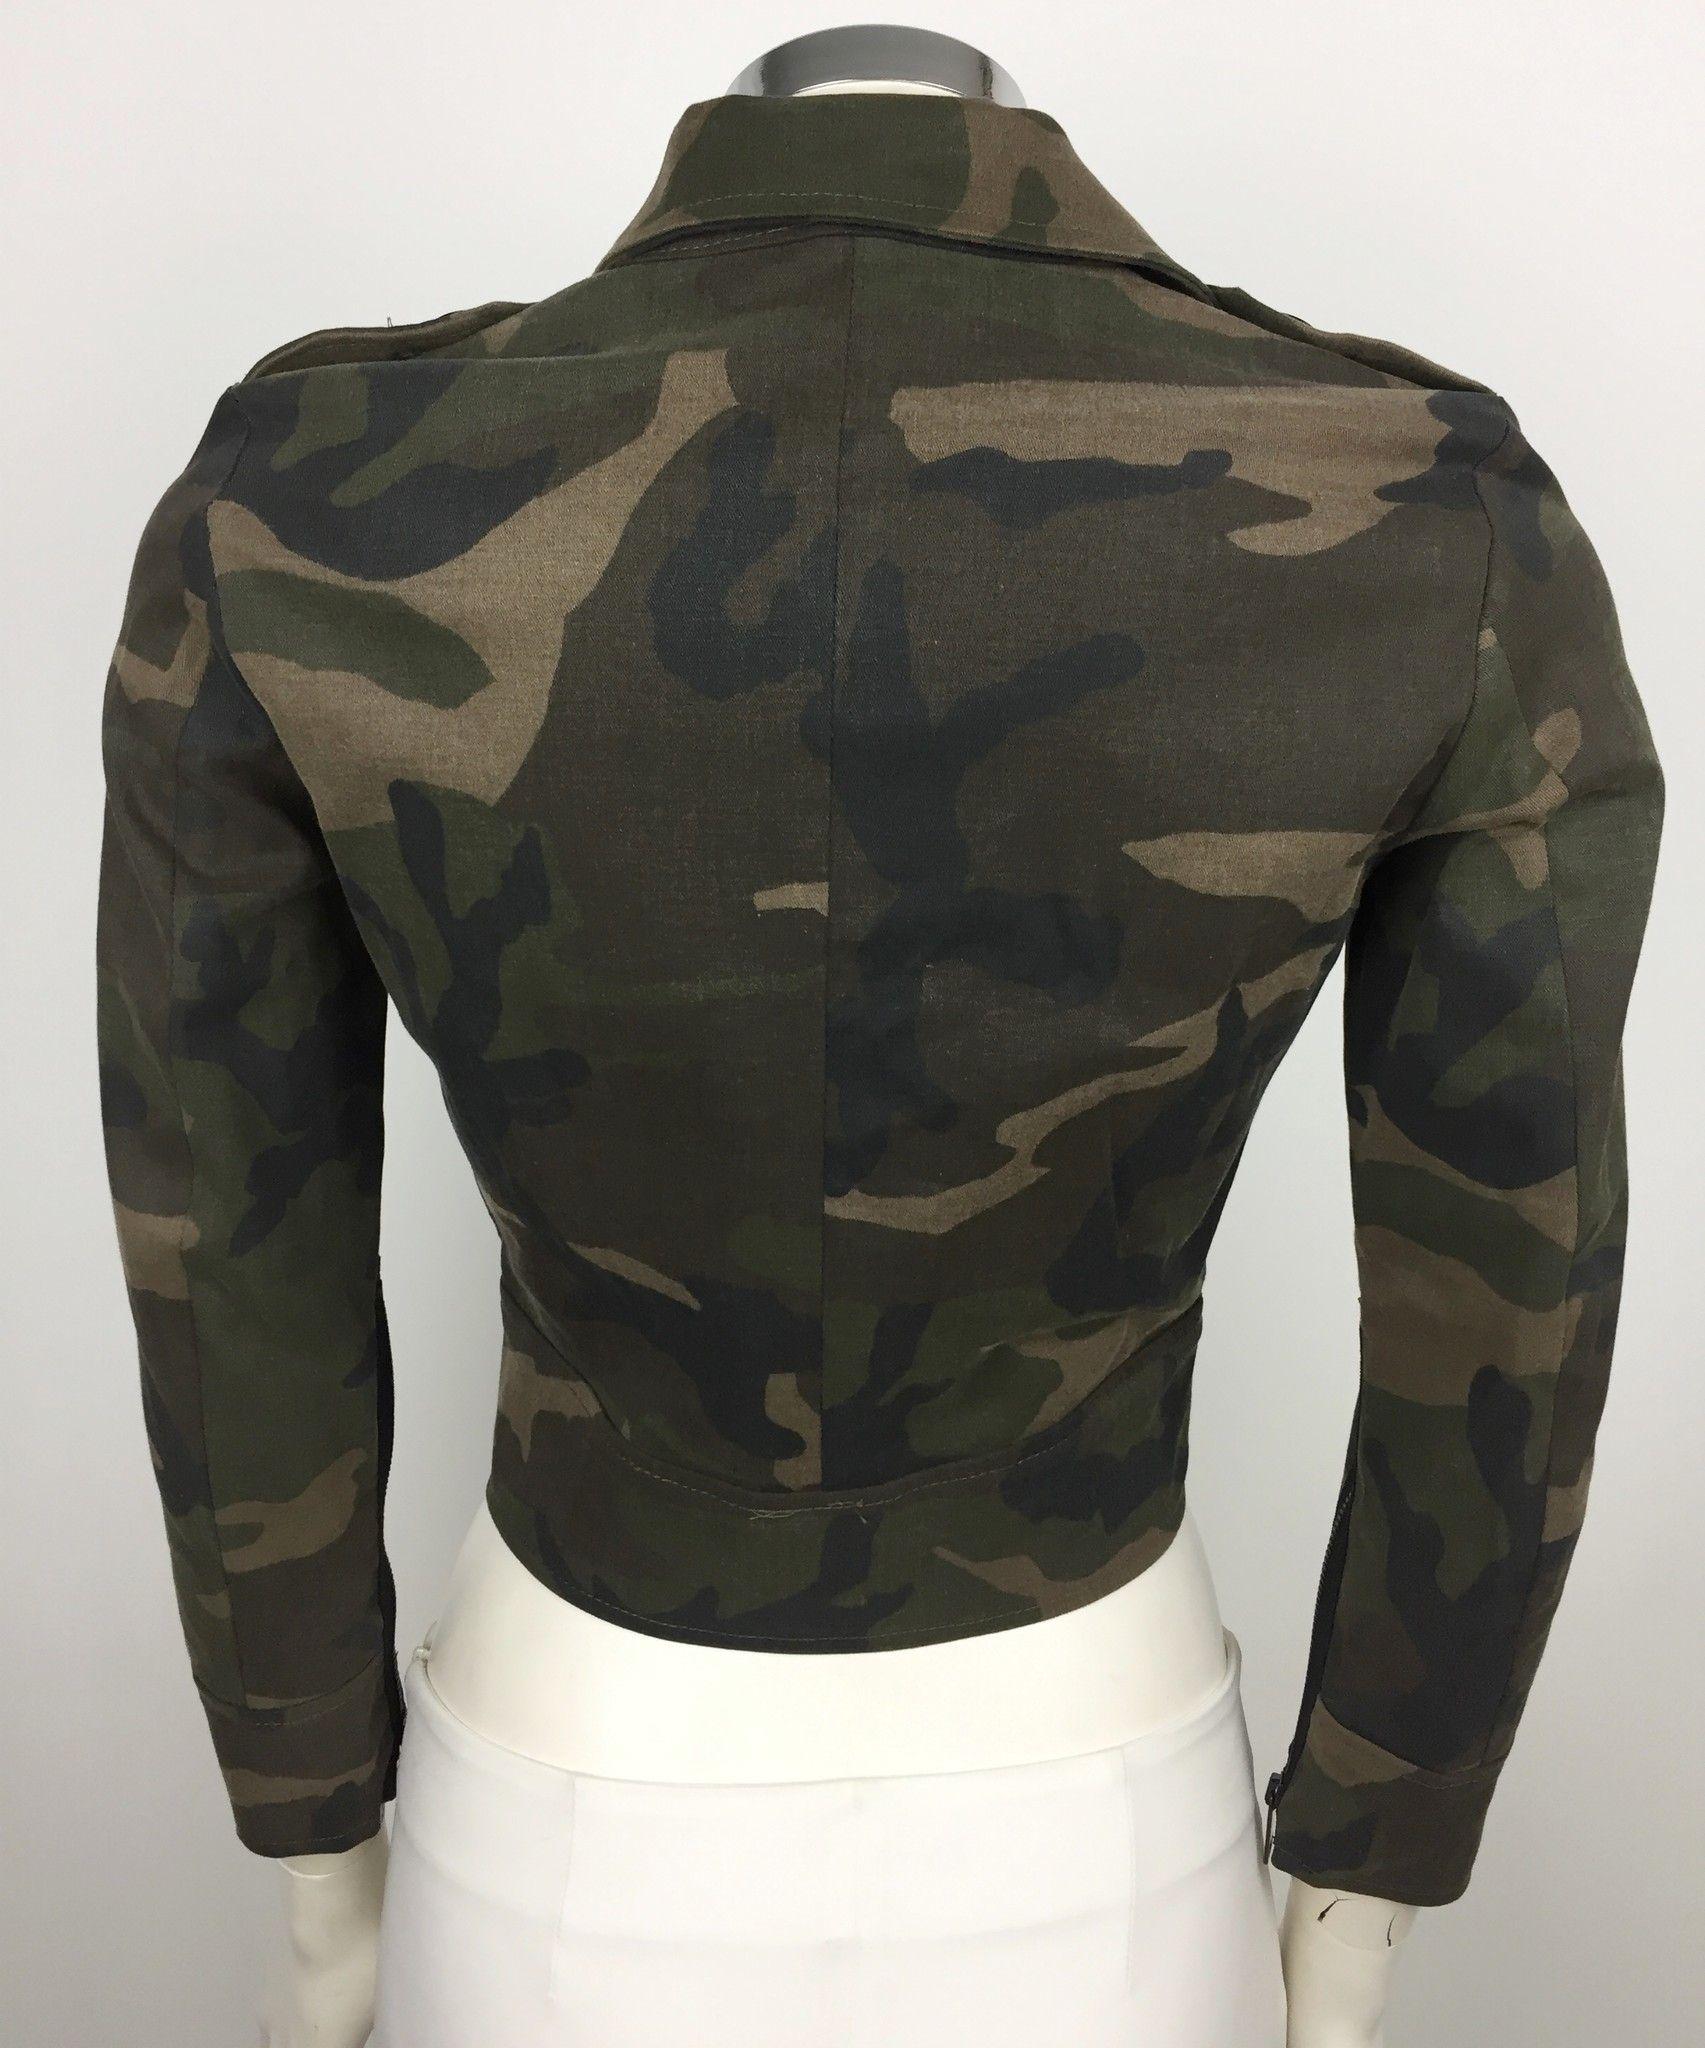 LadyBug Camouflage Jacket Cod.TT0018